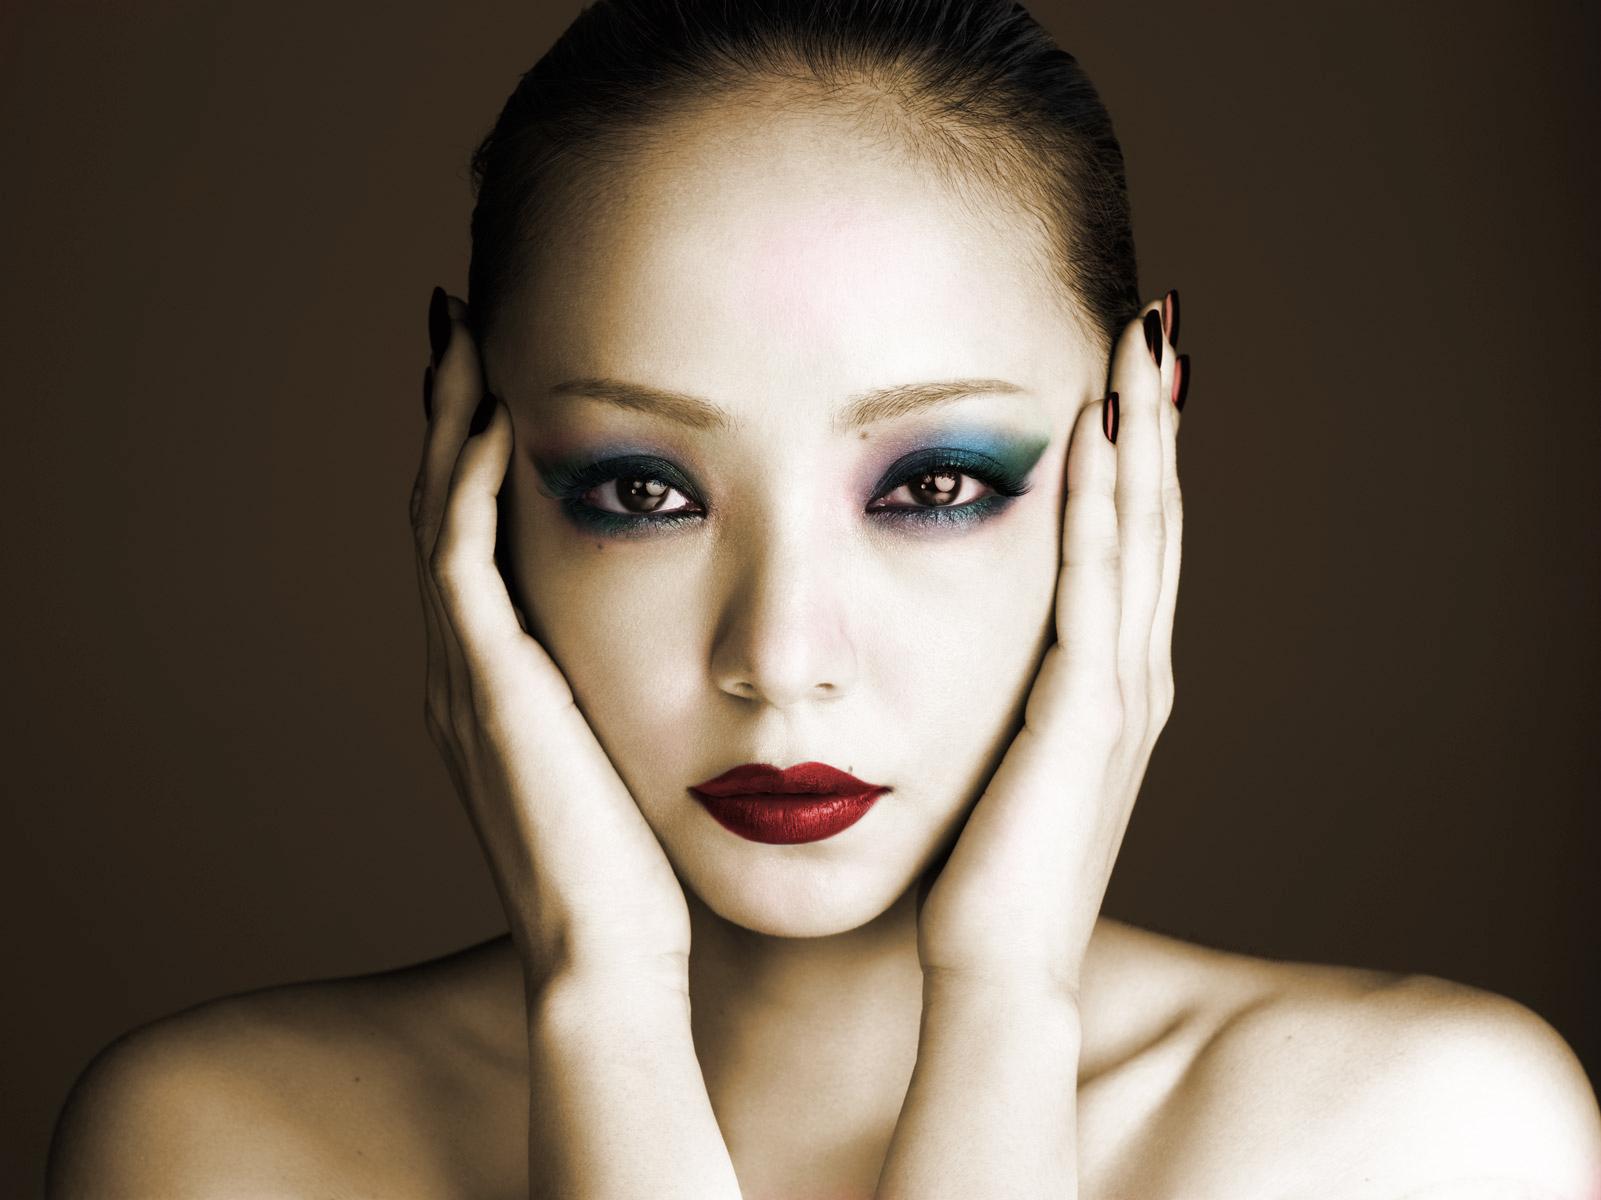 天后安室奈美惠宣布明年9月份隐退:谢谢你们一直以来的支持